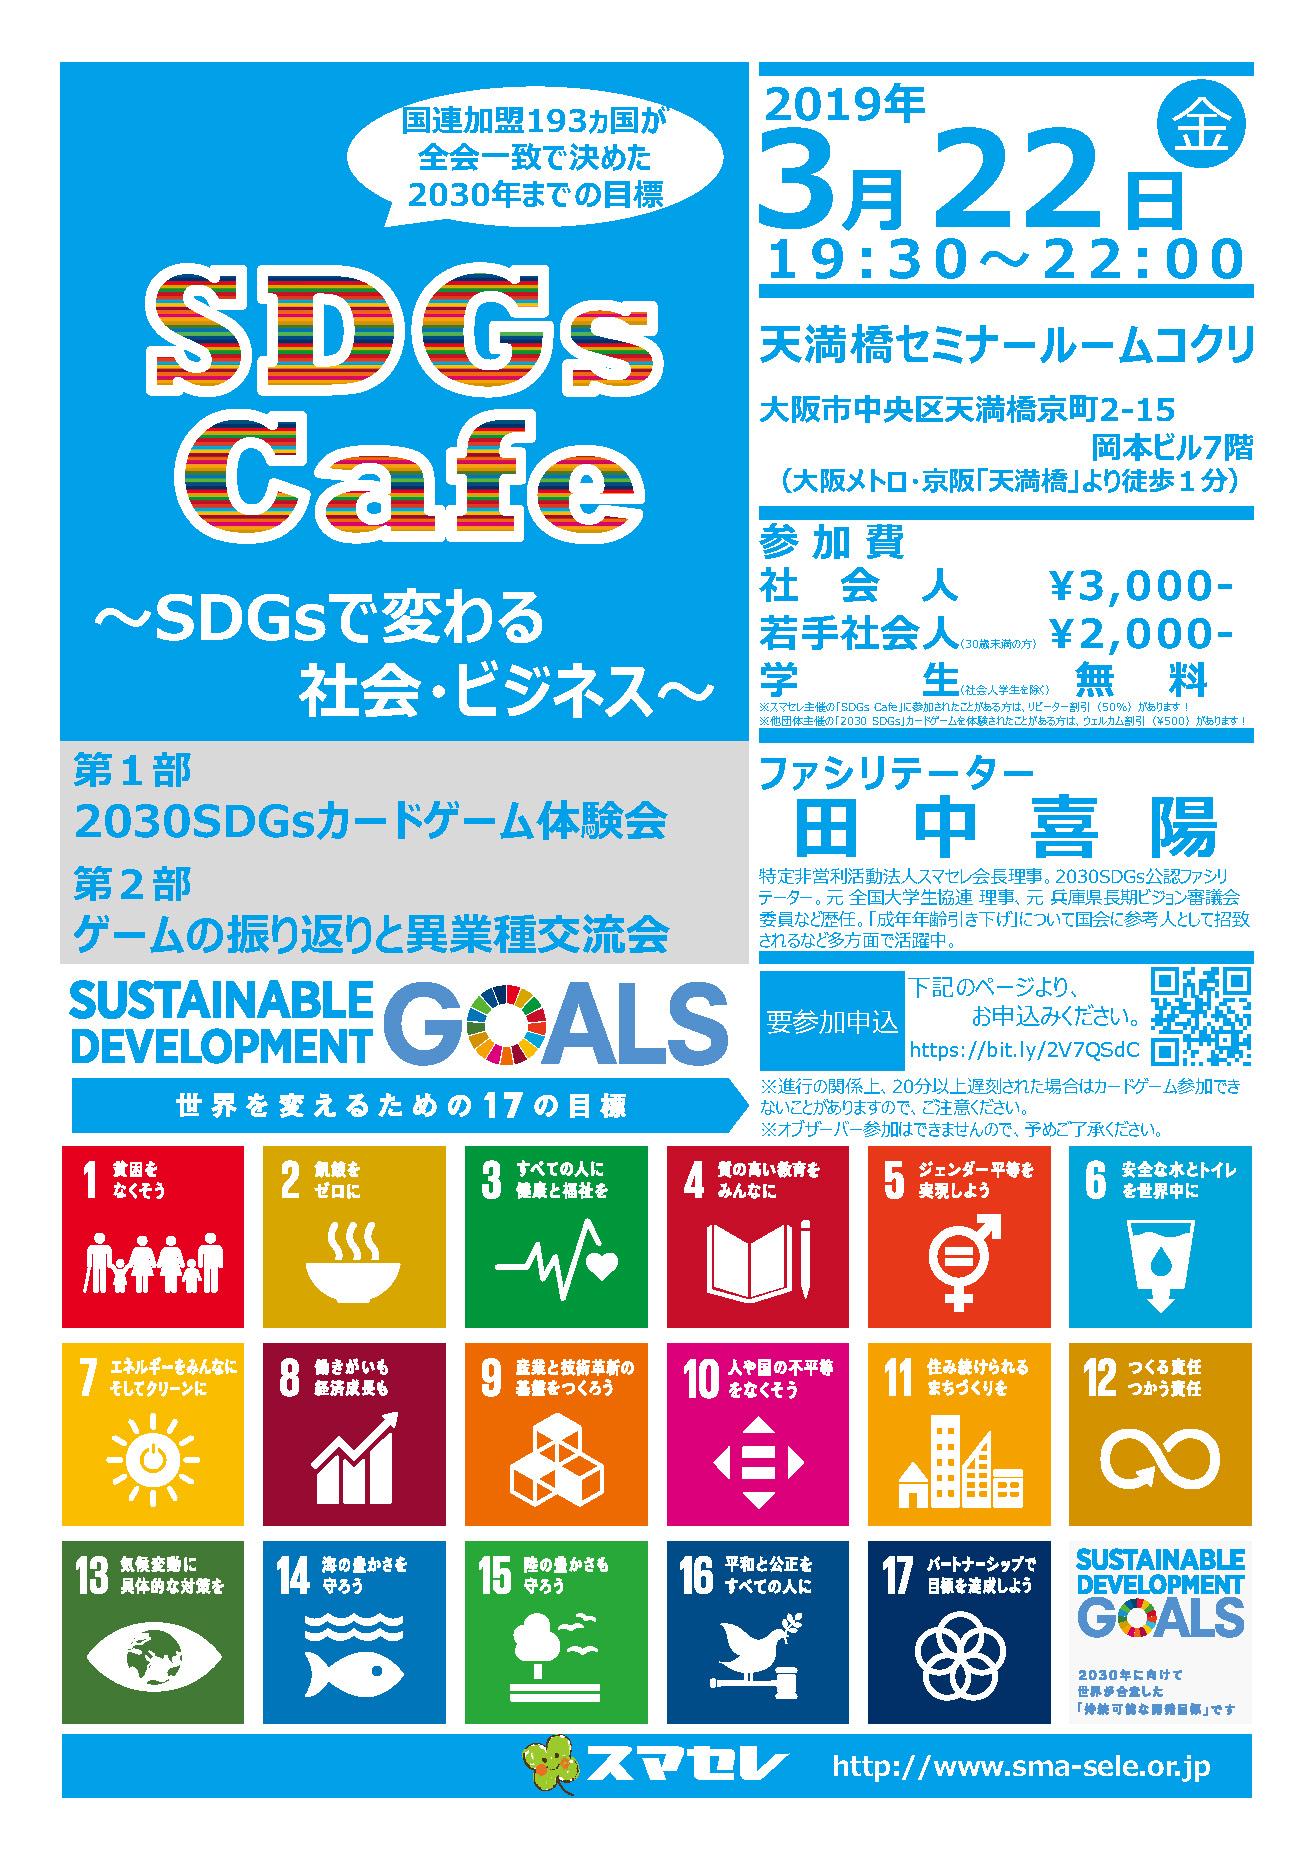 2019/3/22「SDGs Cafe」